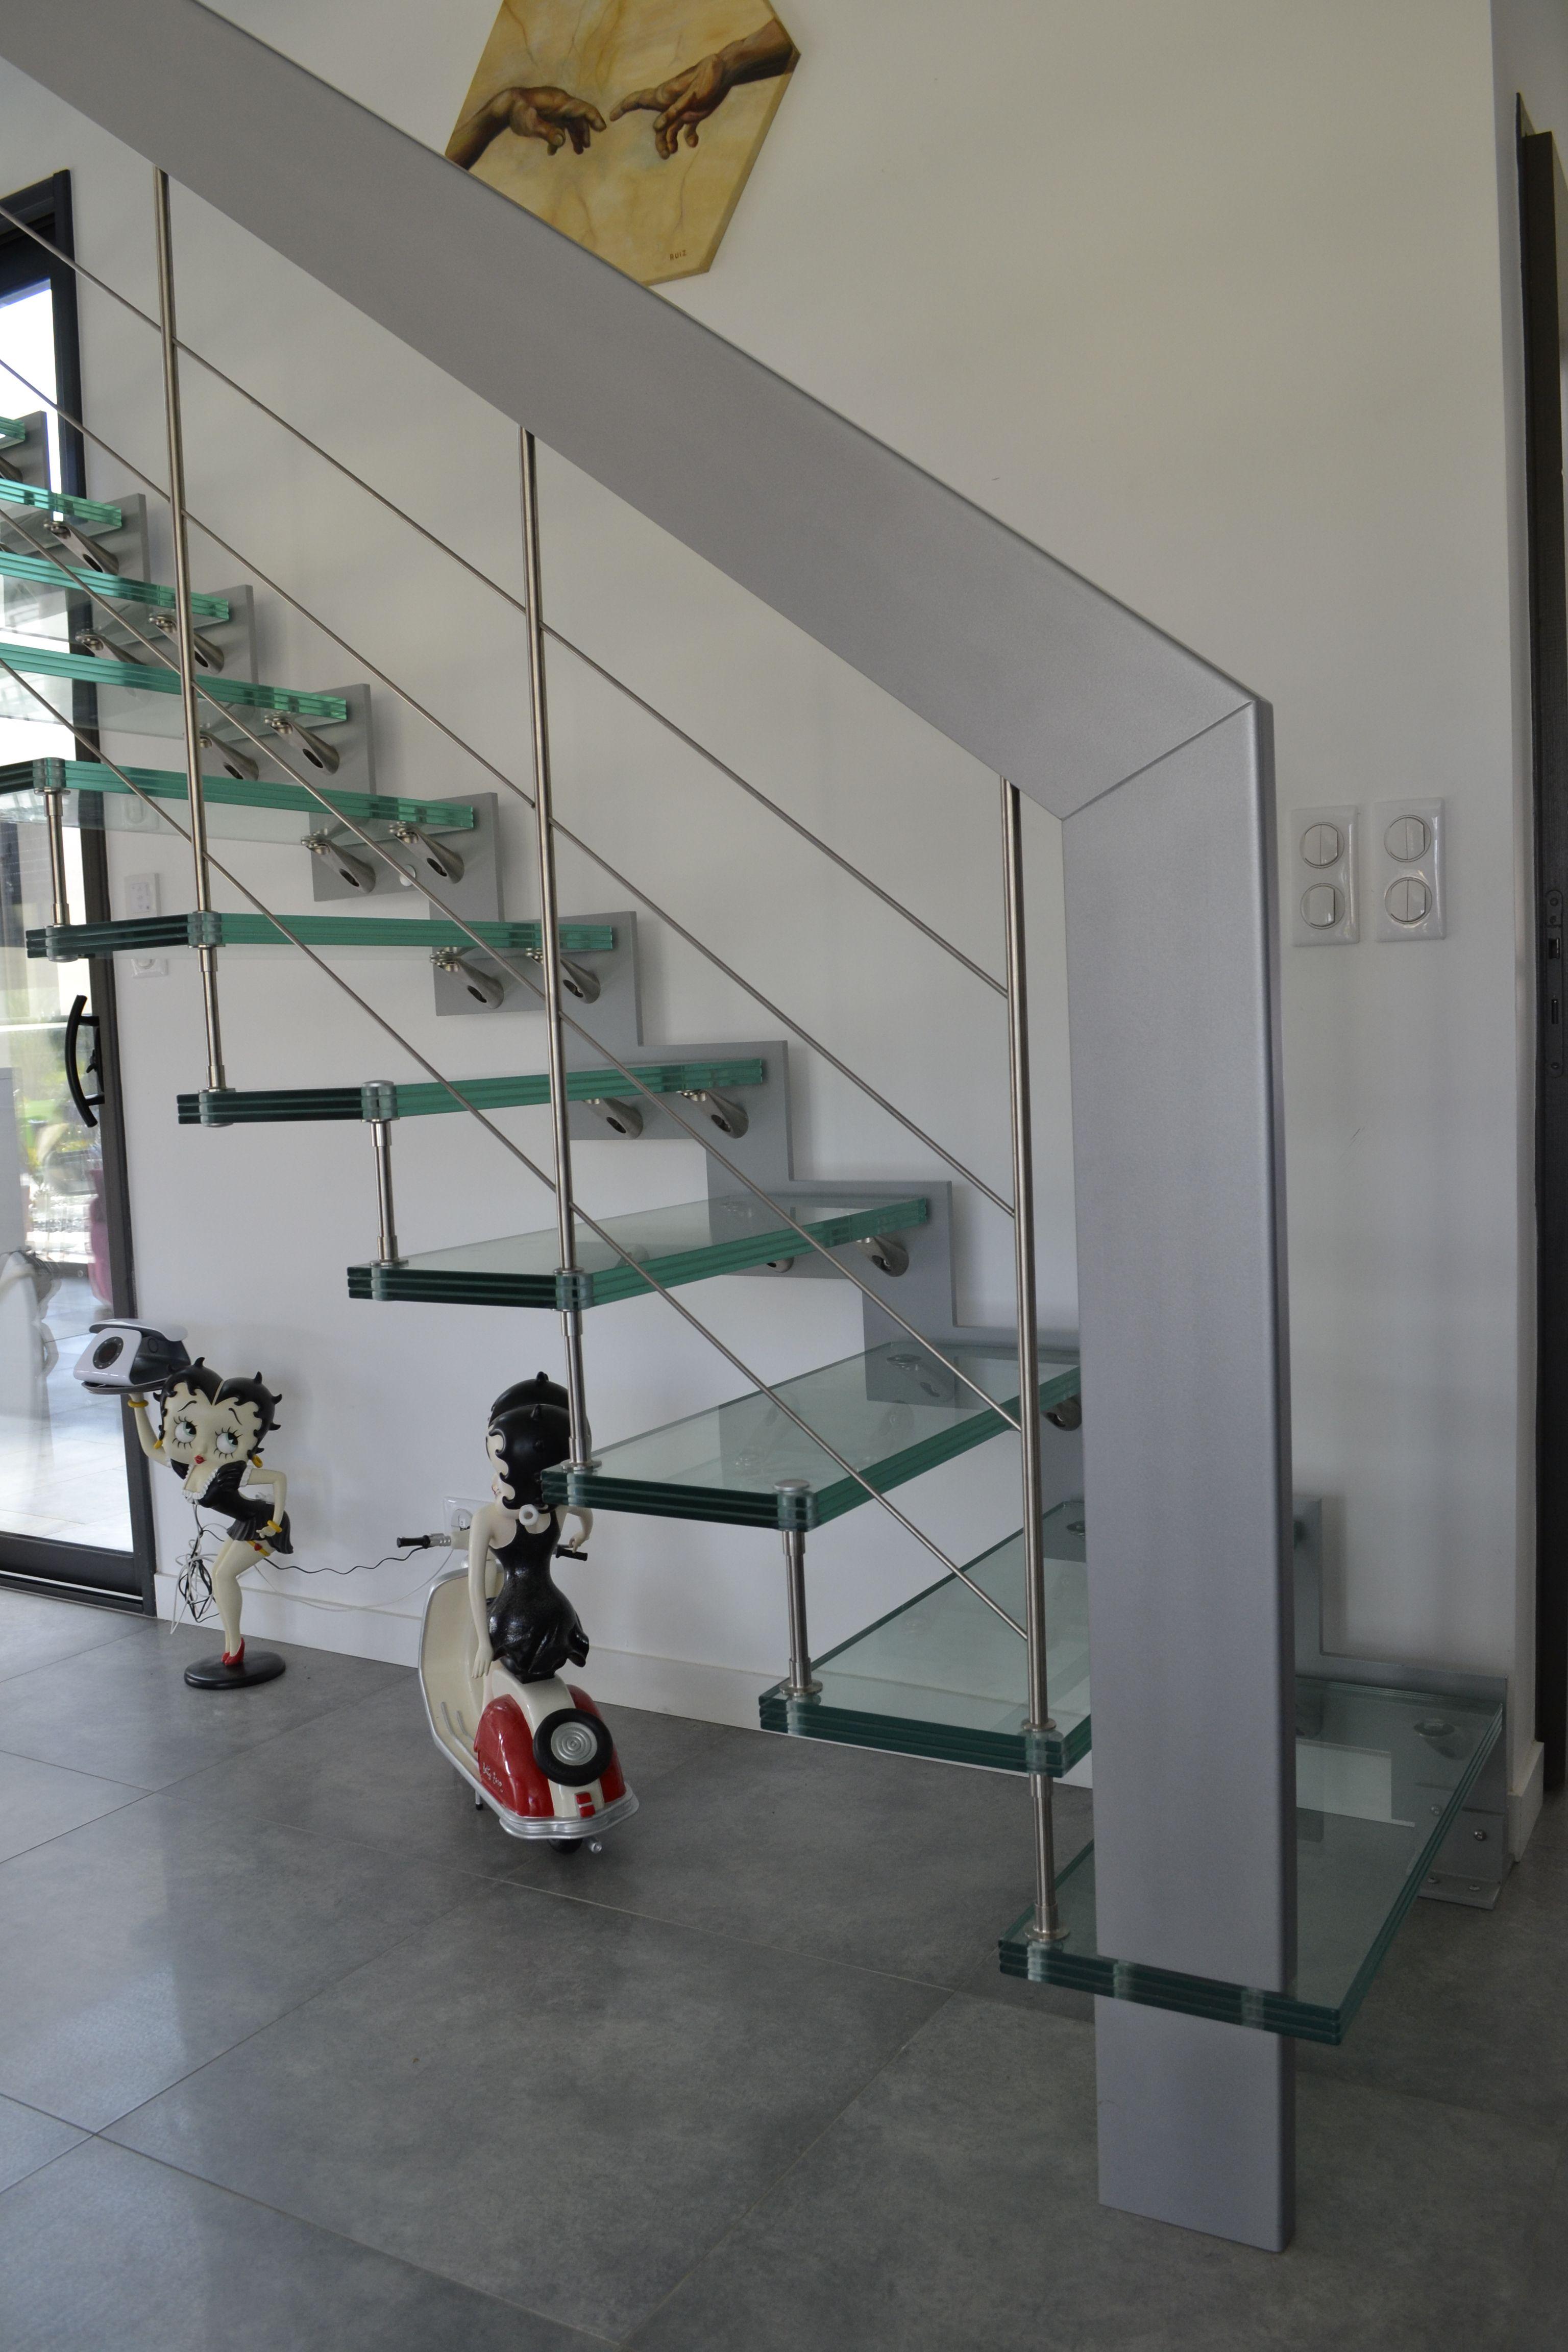 Escalier Suspendu Marches En Verre Et Rampe Avec Des